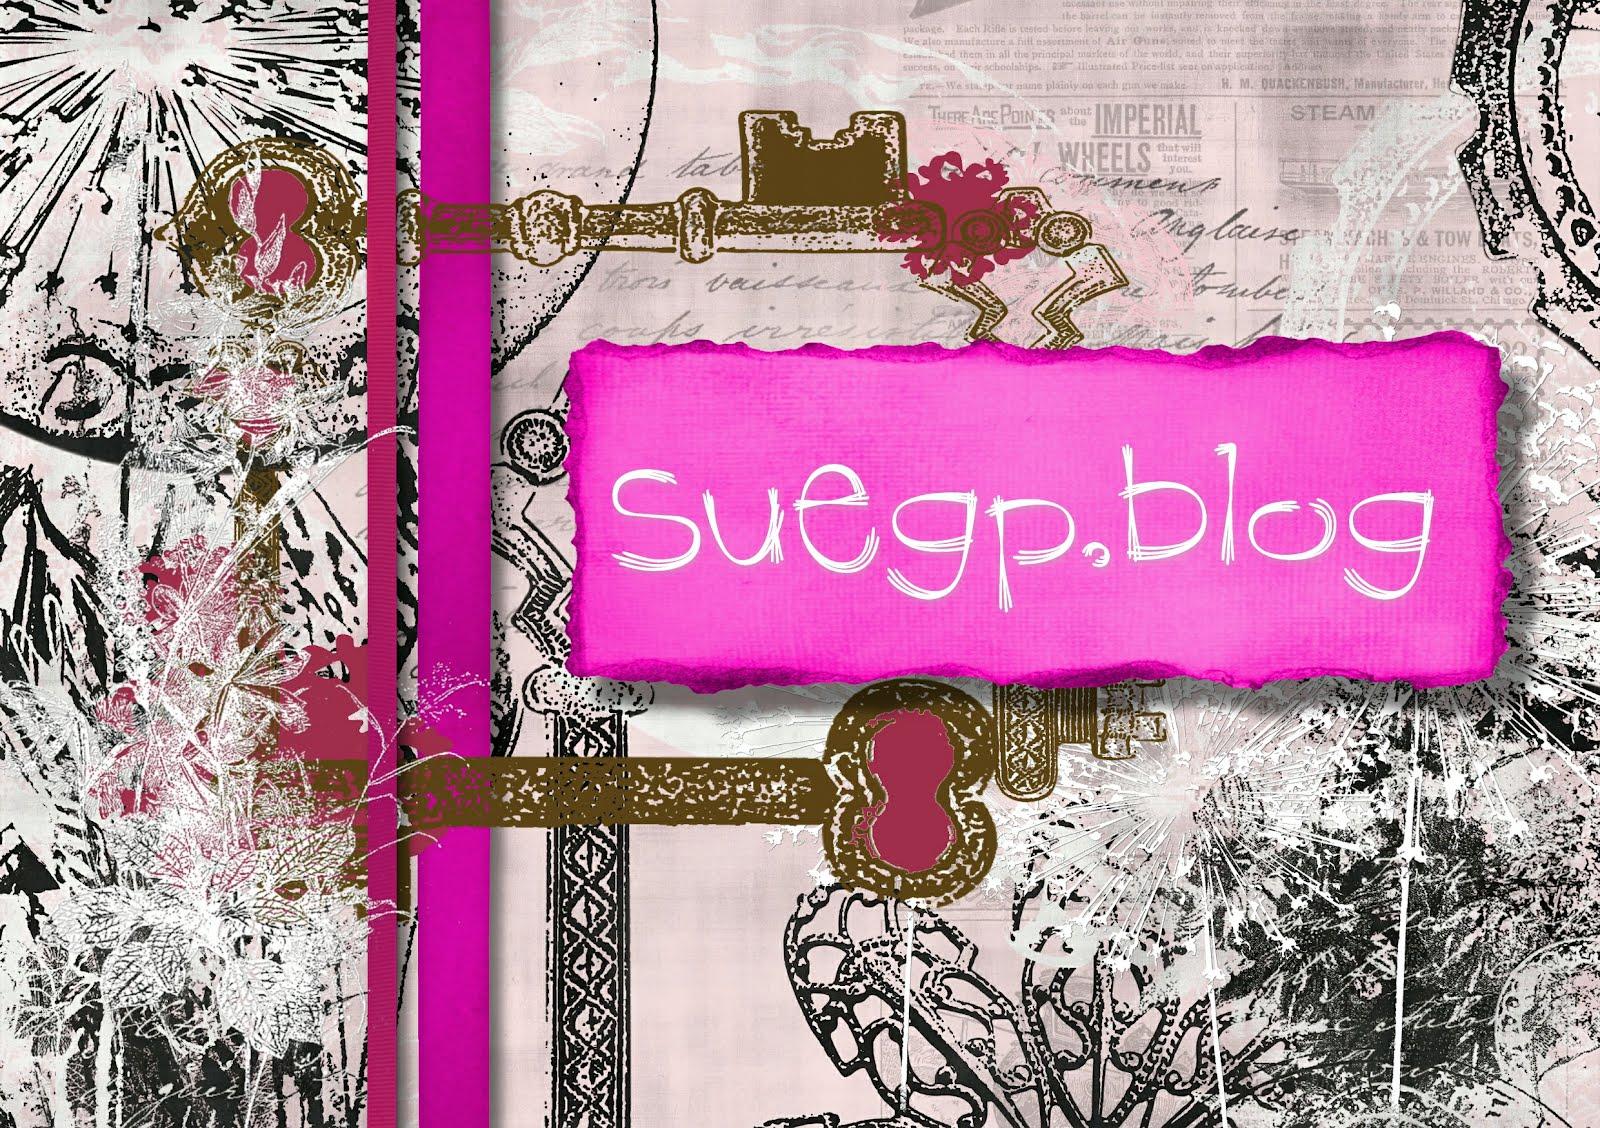 suegp.blog